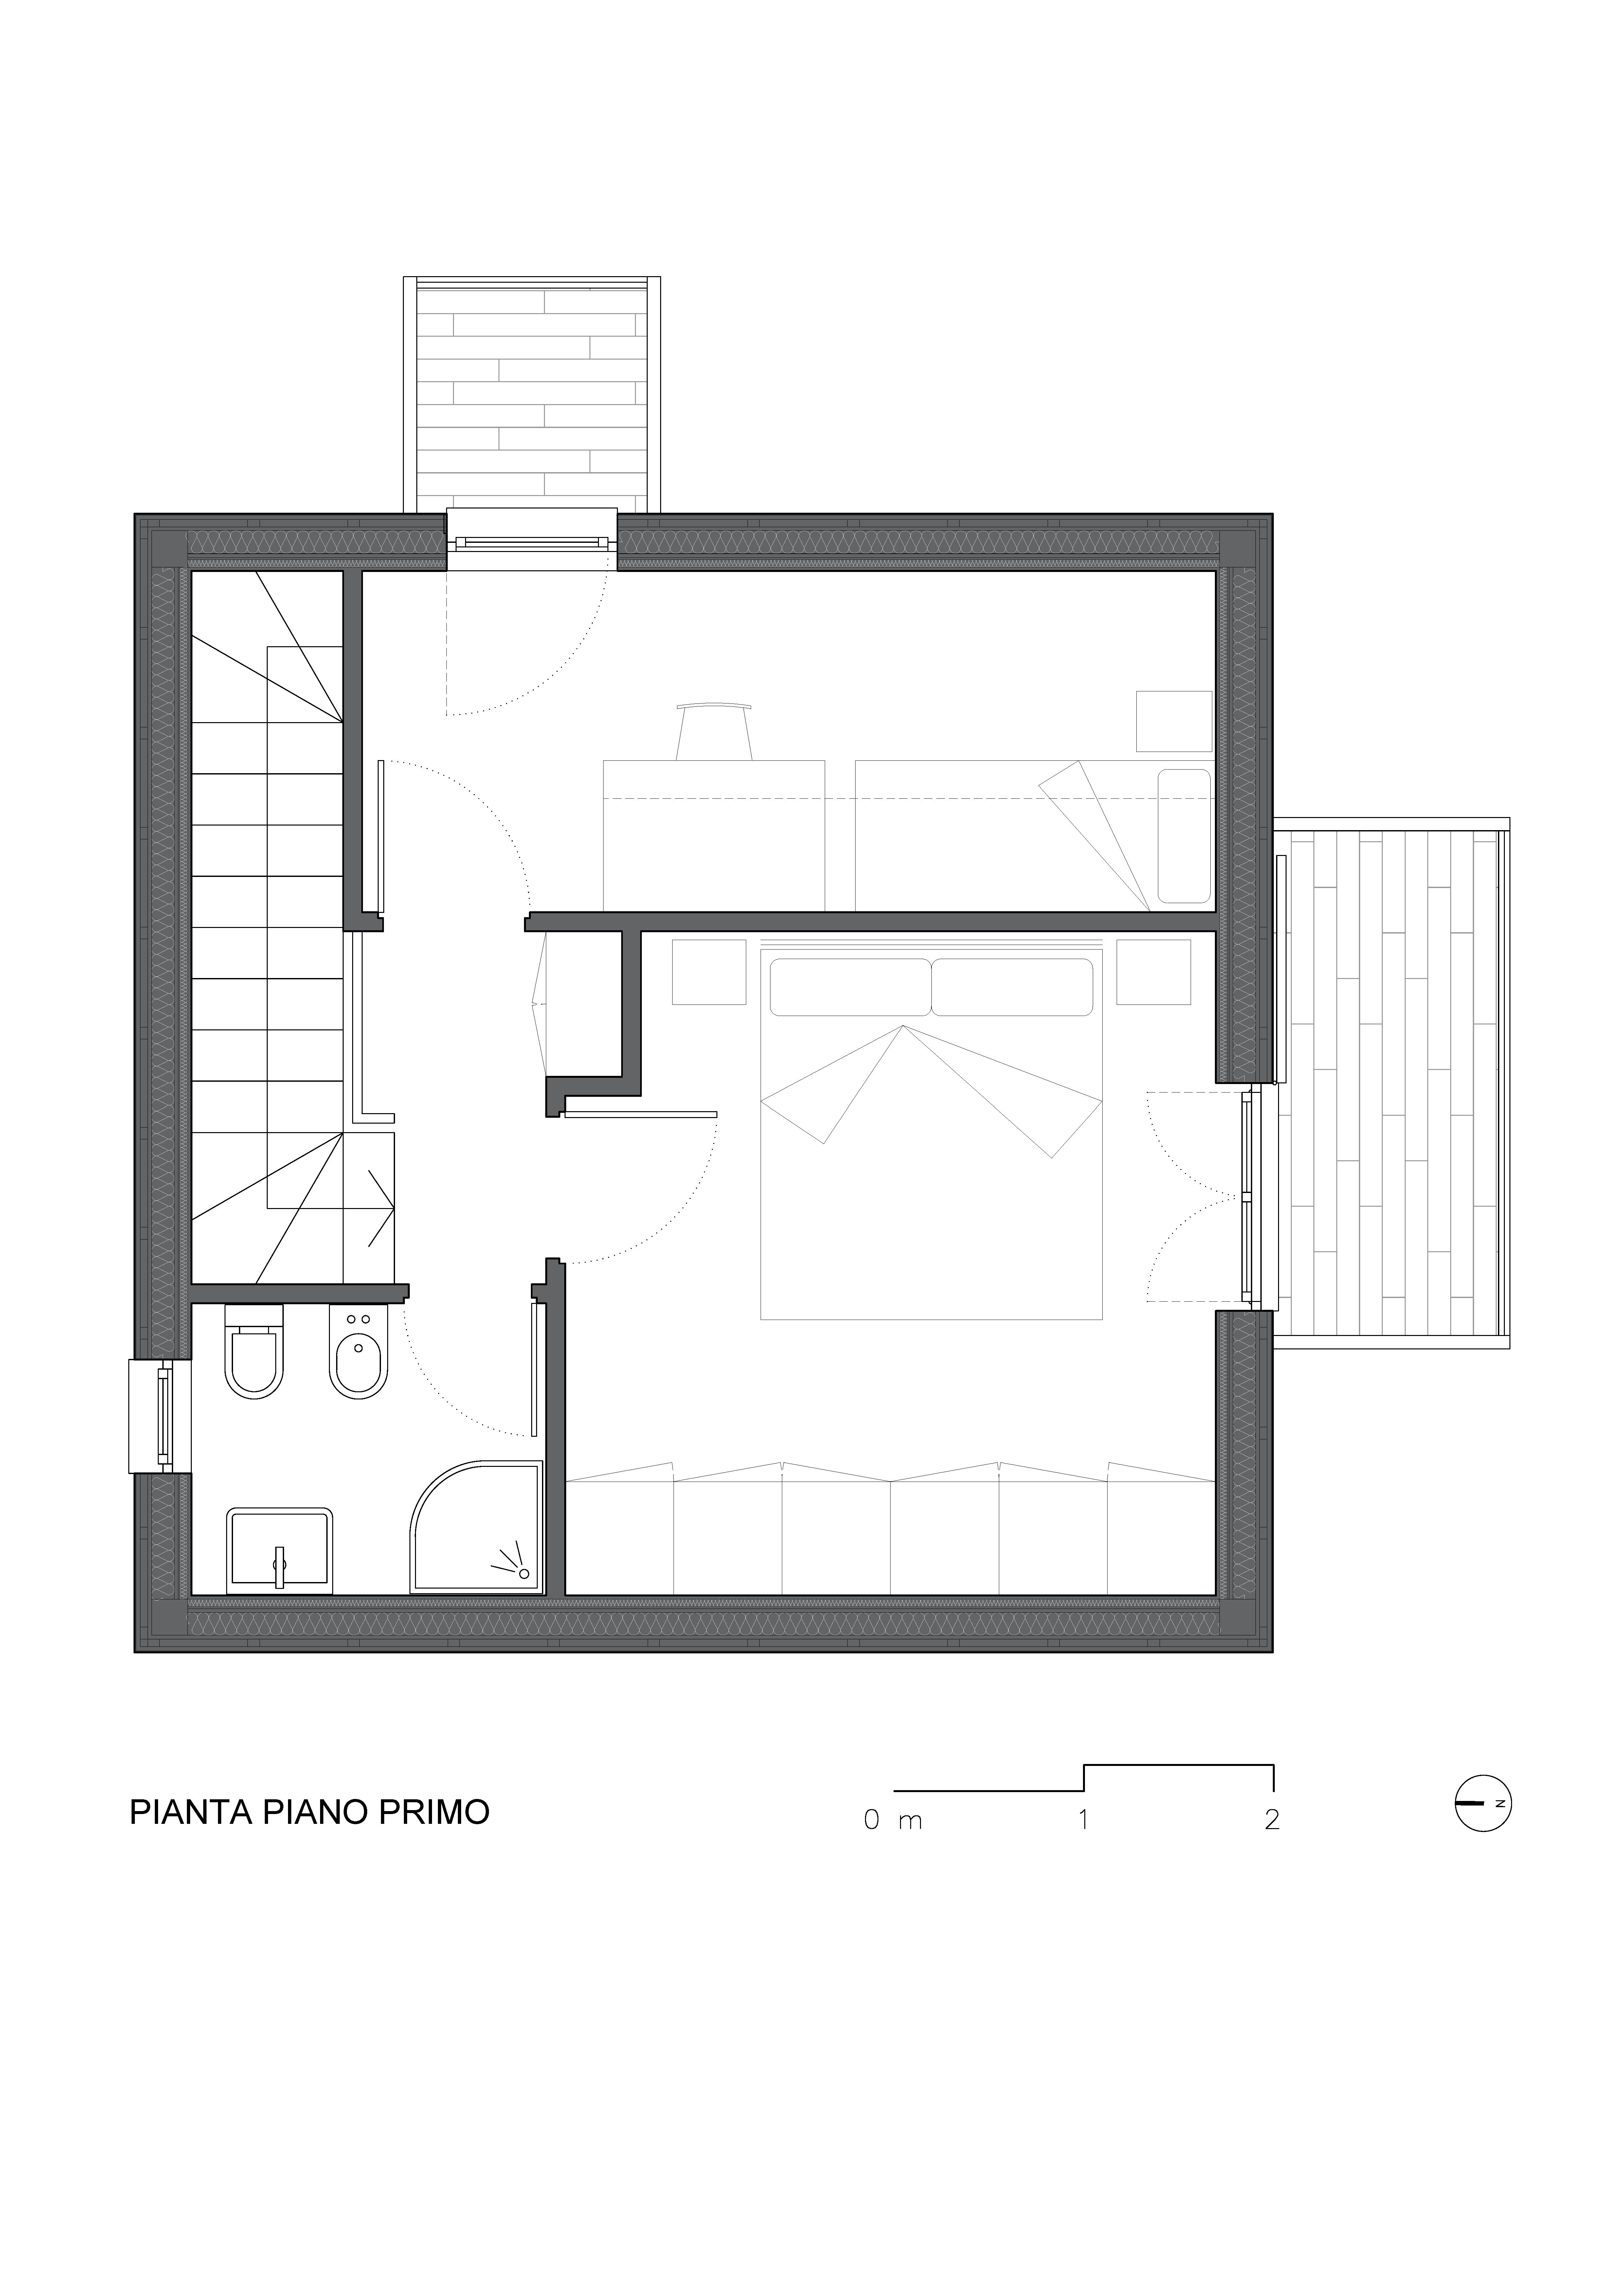 03_CASA-CUBO-PIANTA P1°